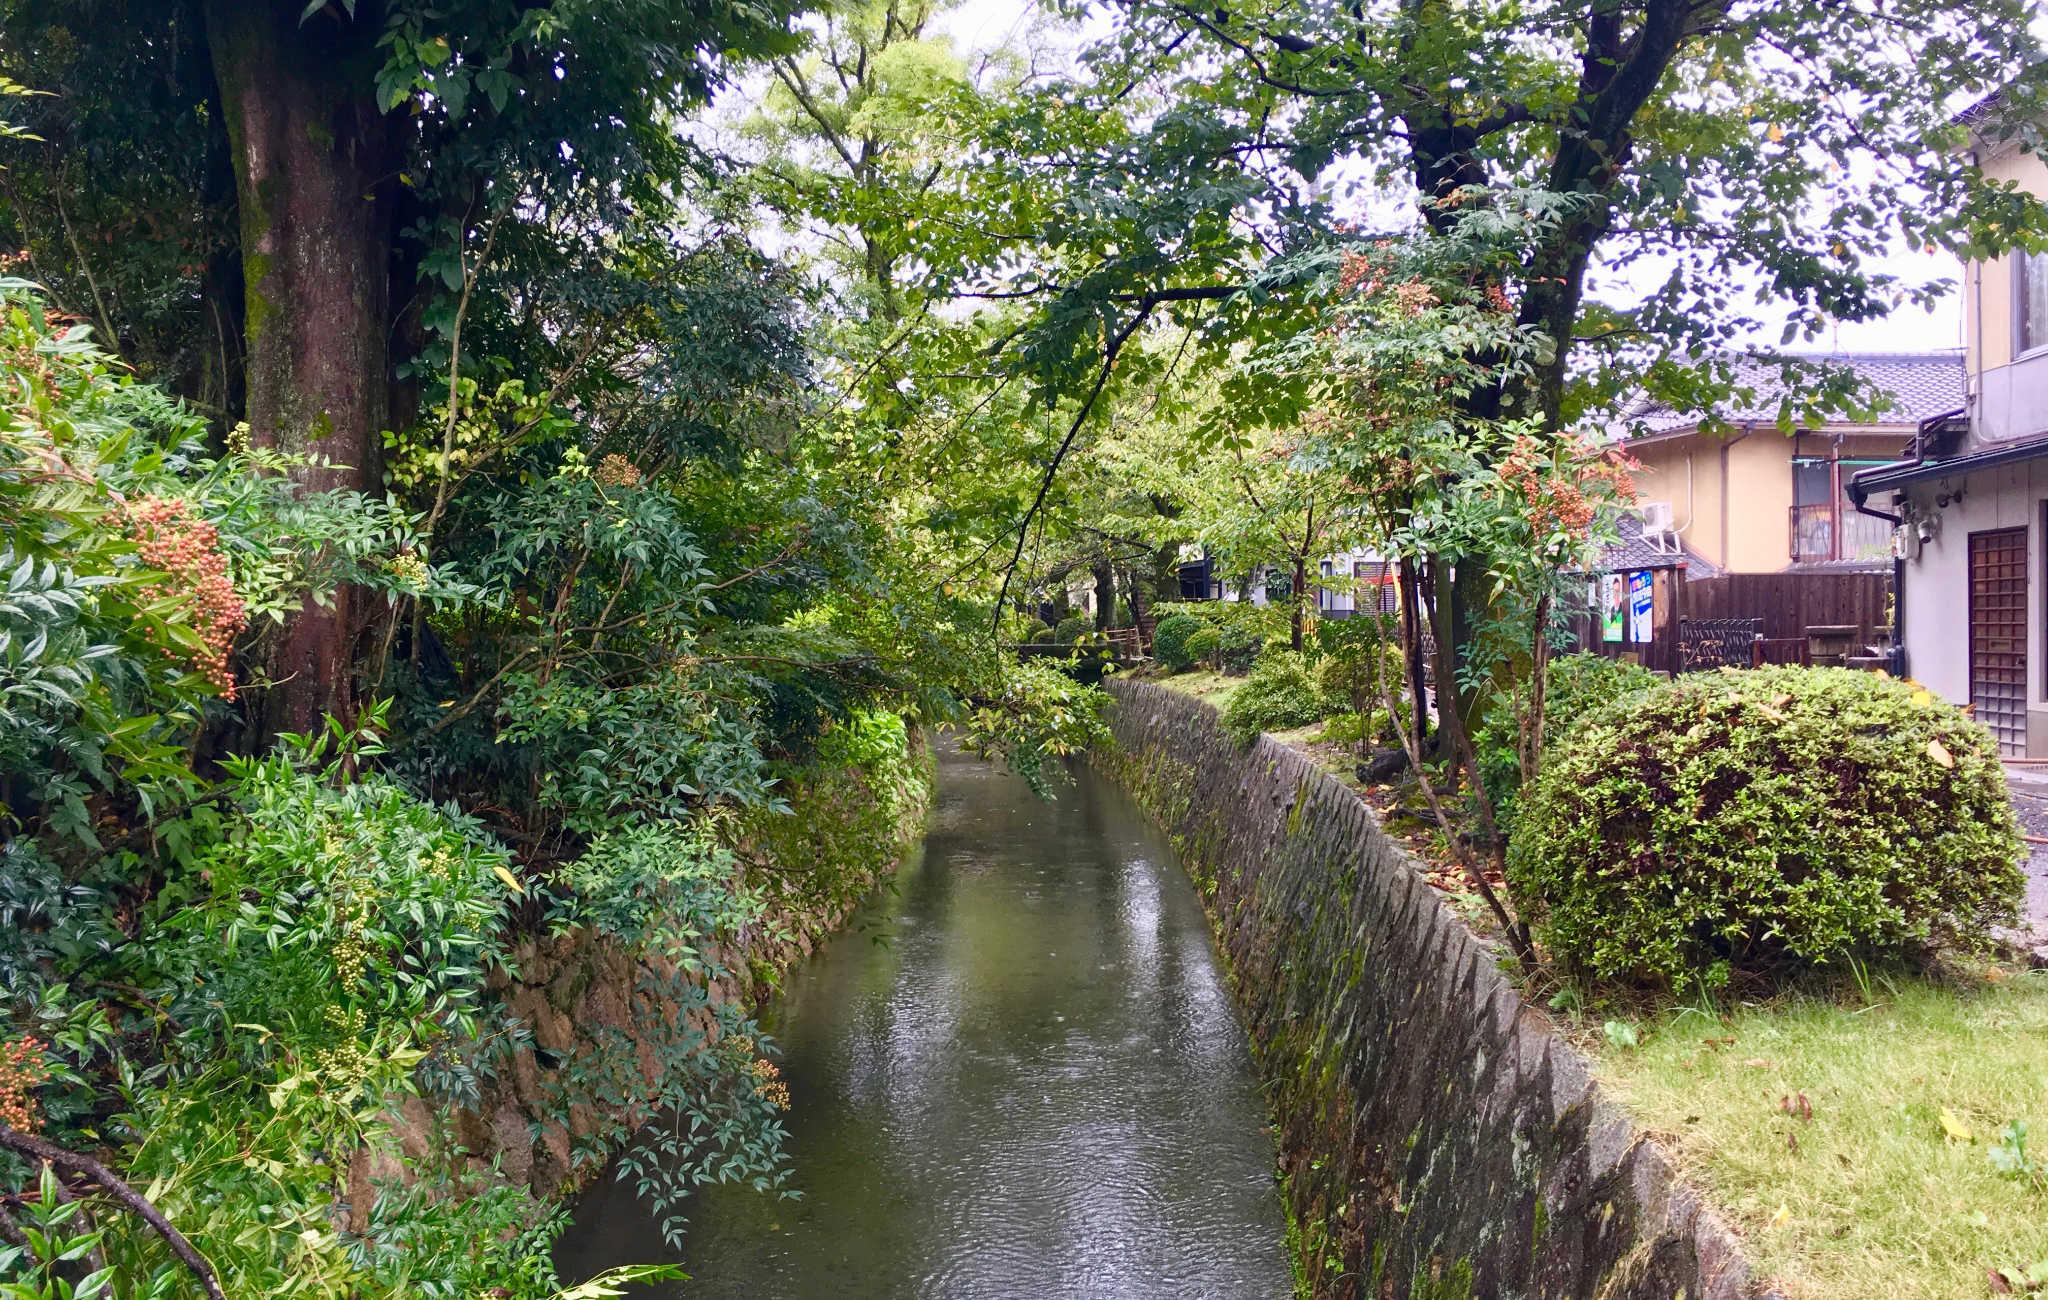 De nombreuses maisons traditionnelles japonaises sont construites le long du canal